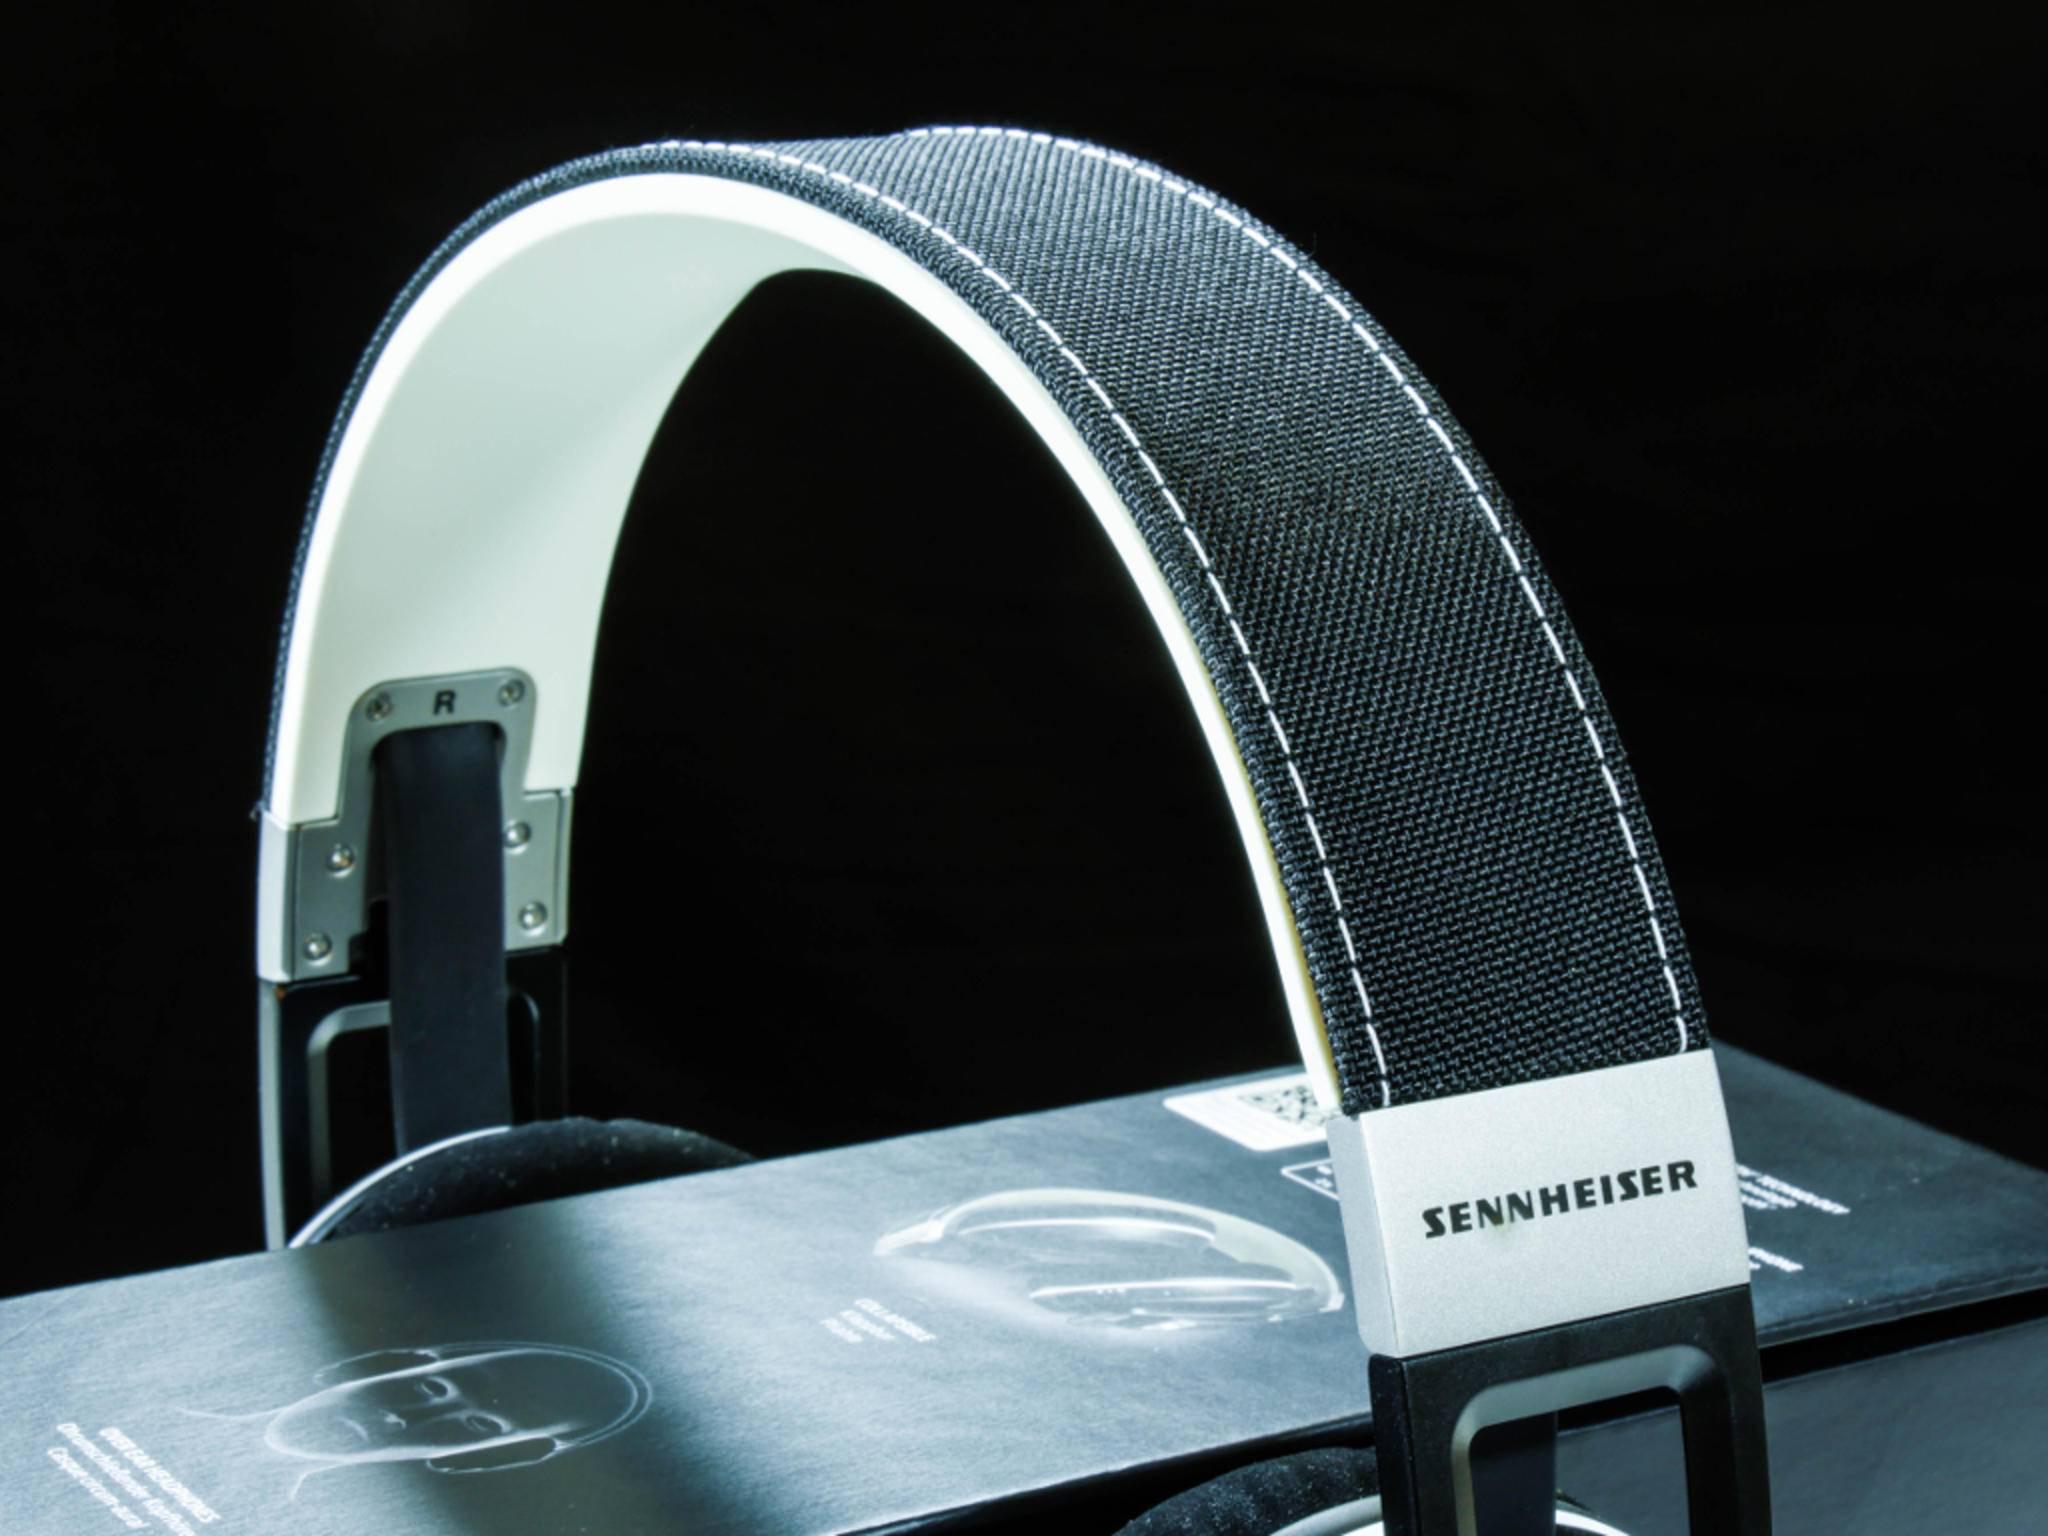 Der Bügel des Kopfhörers kommt im schicken Jeans-Look daher.